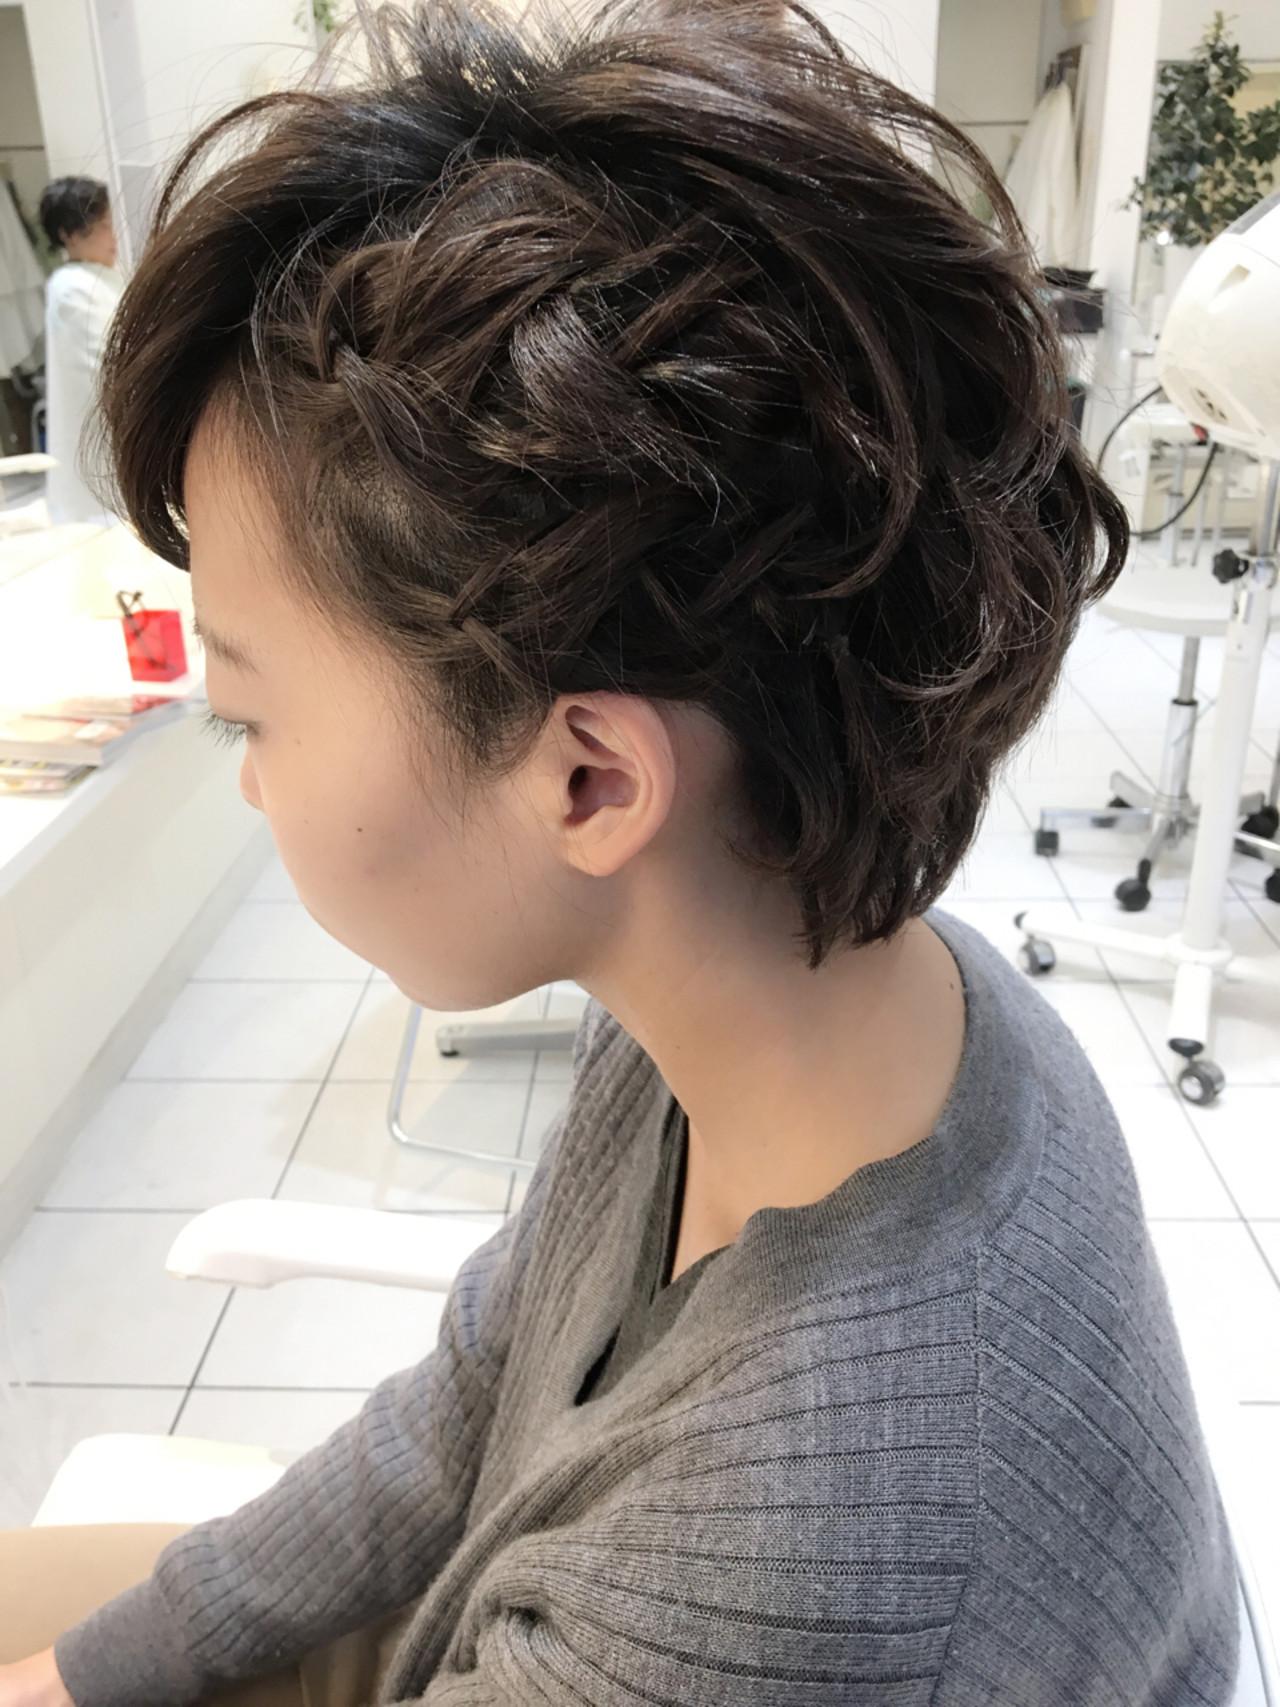 三つ編み ハーフアップ 簡単ヘアアレンジ 編み込み ヘアスタイルや髪型の写真・画像